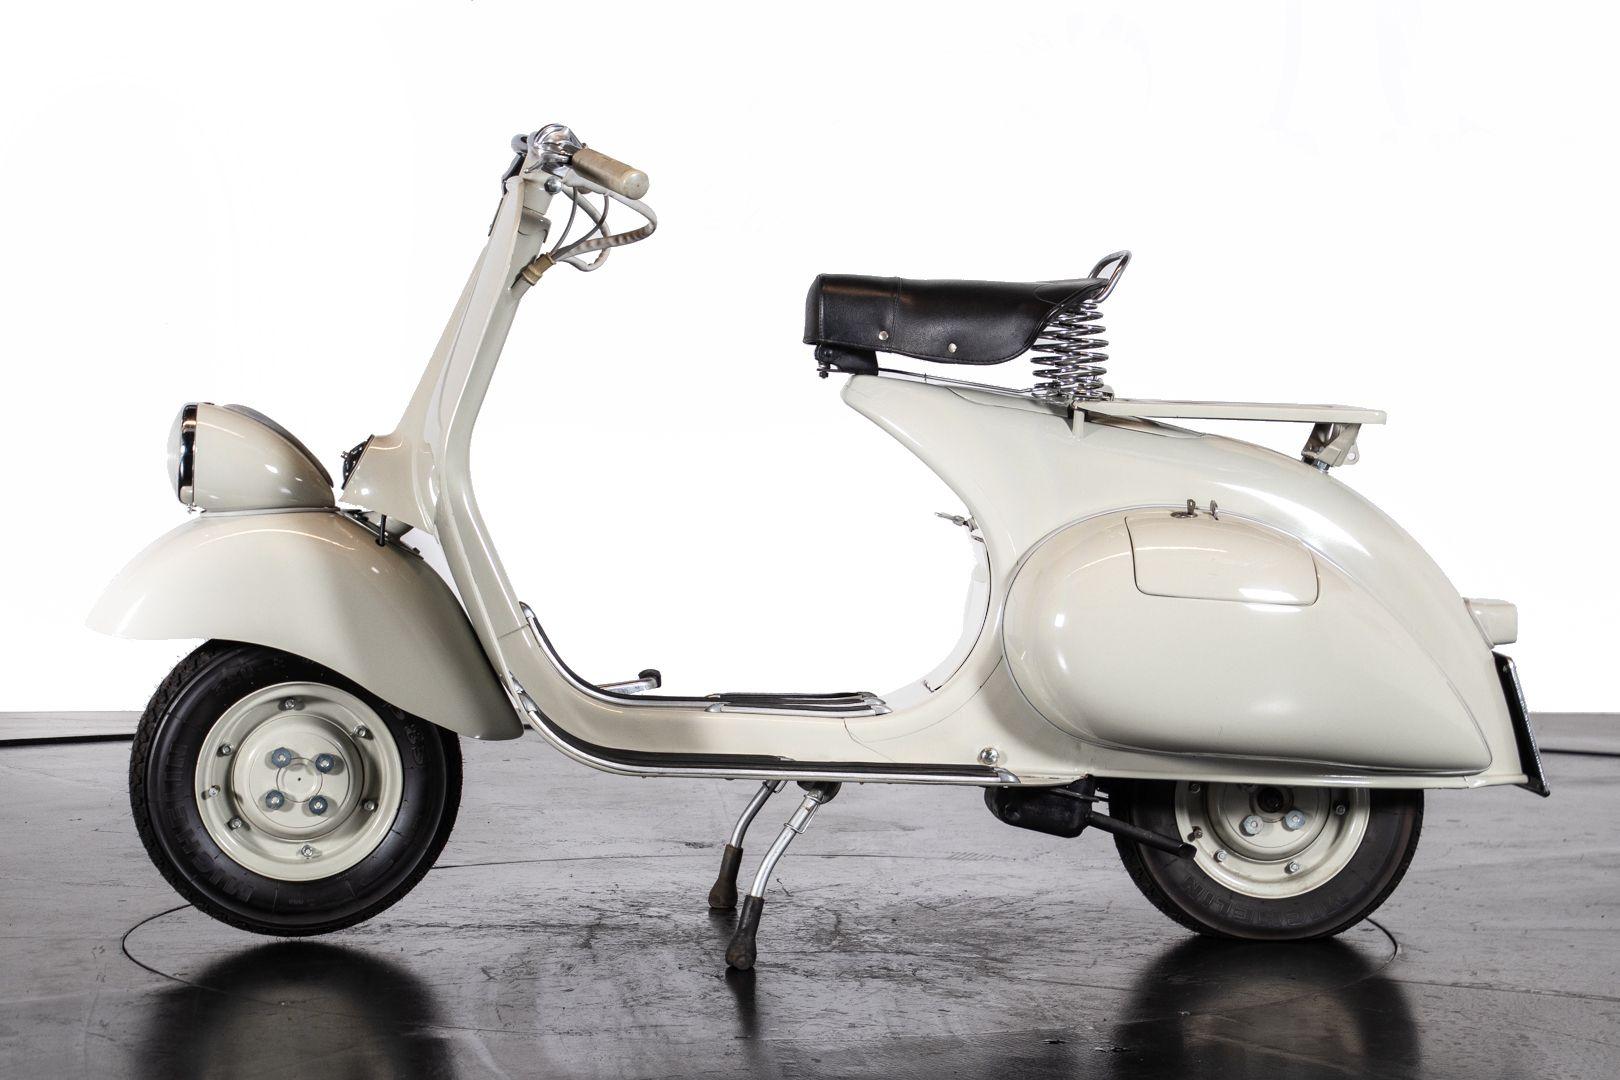 1954 Piaggio Vespa faro basso 56111